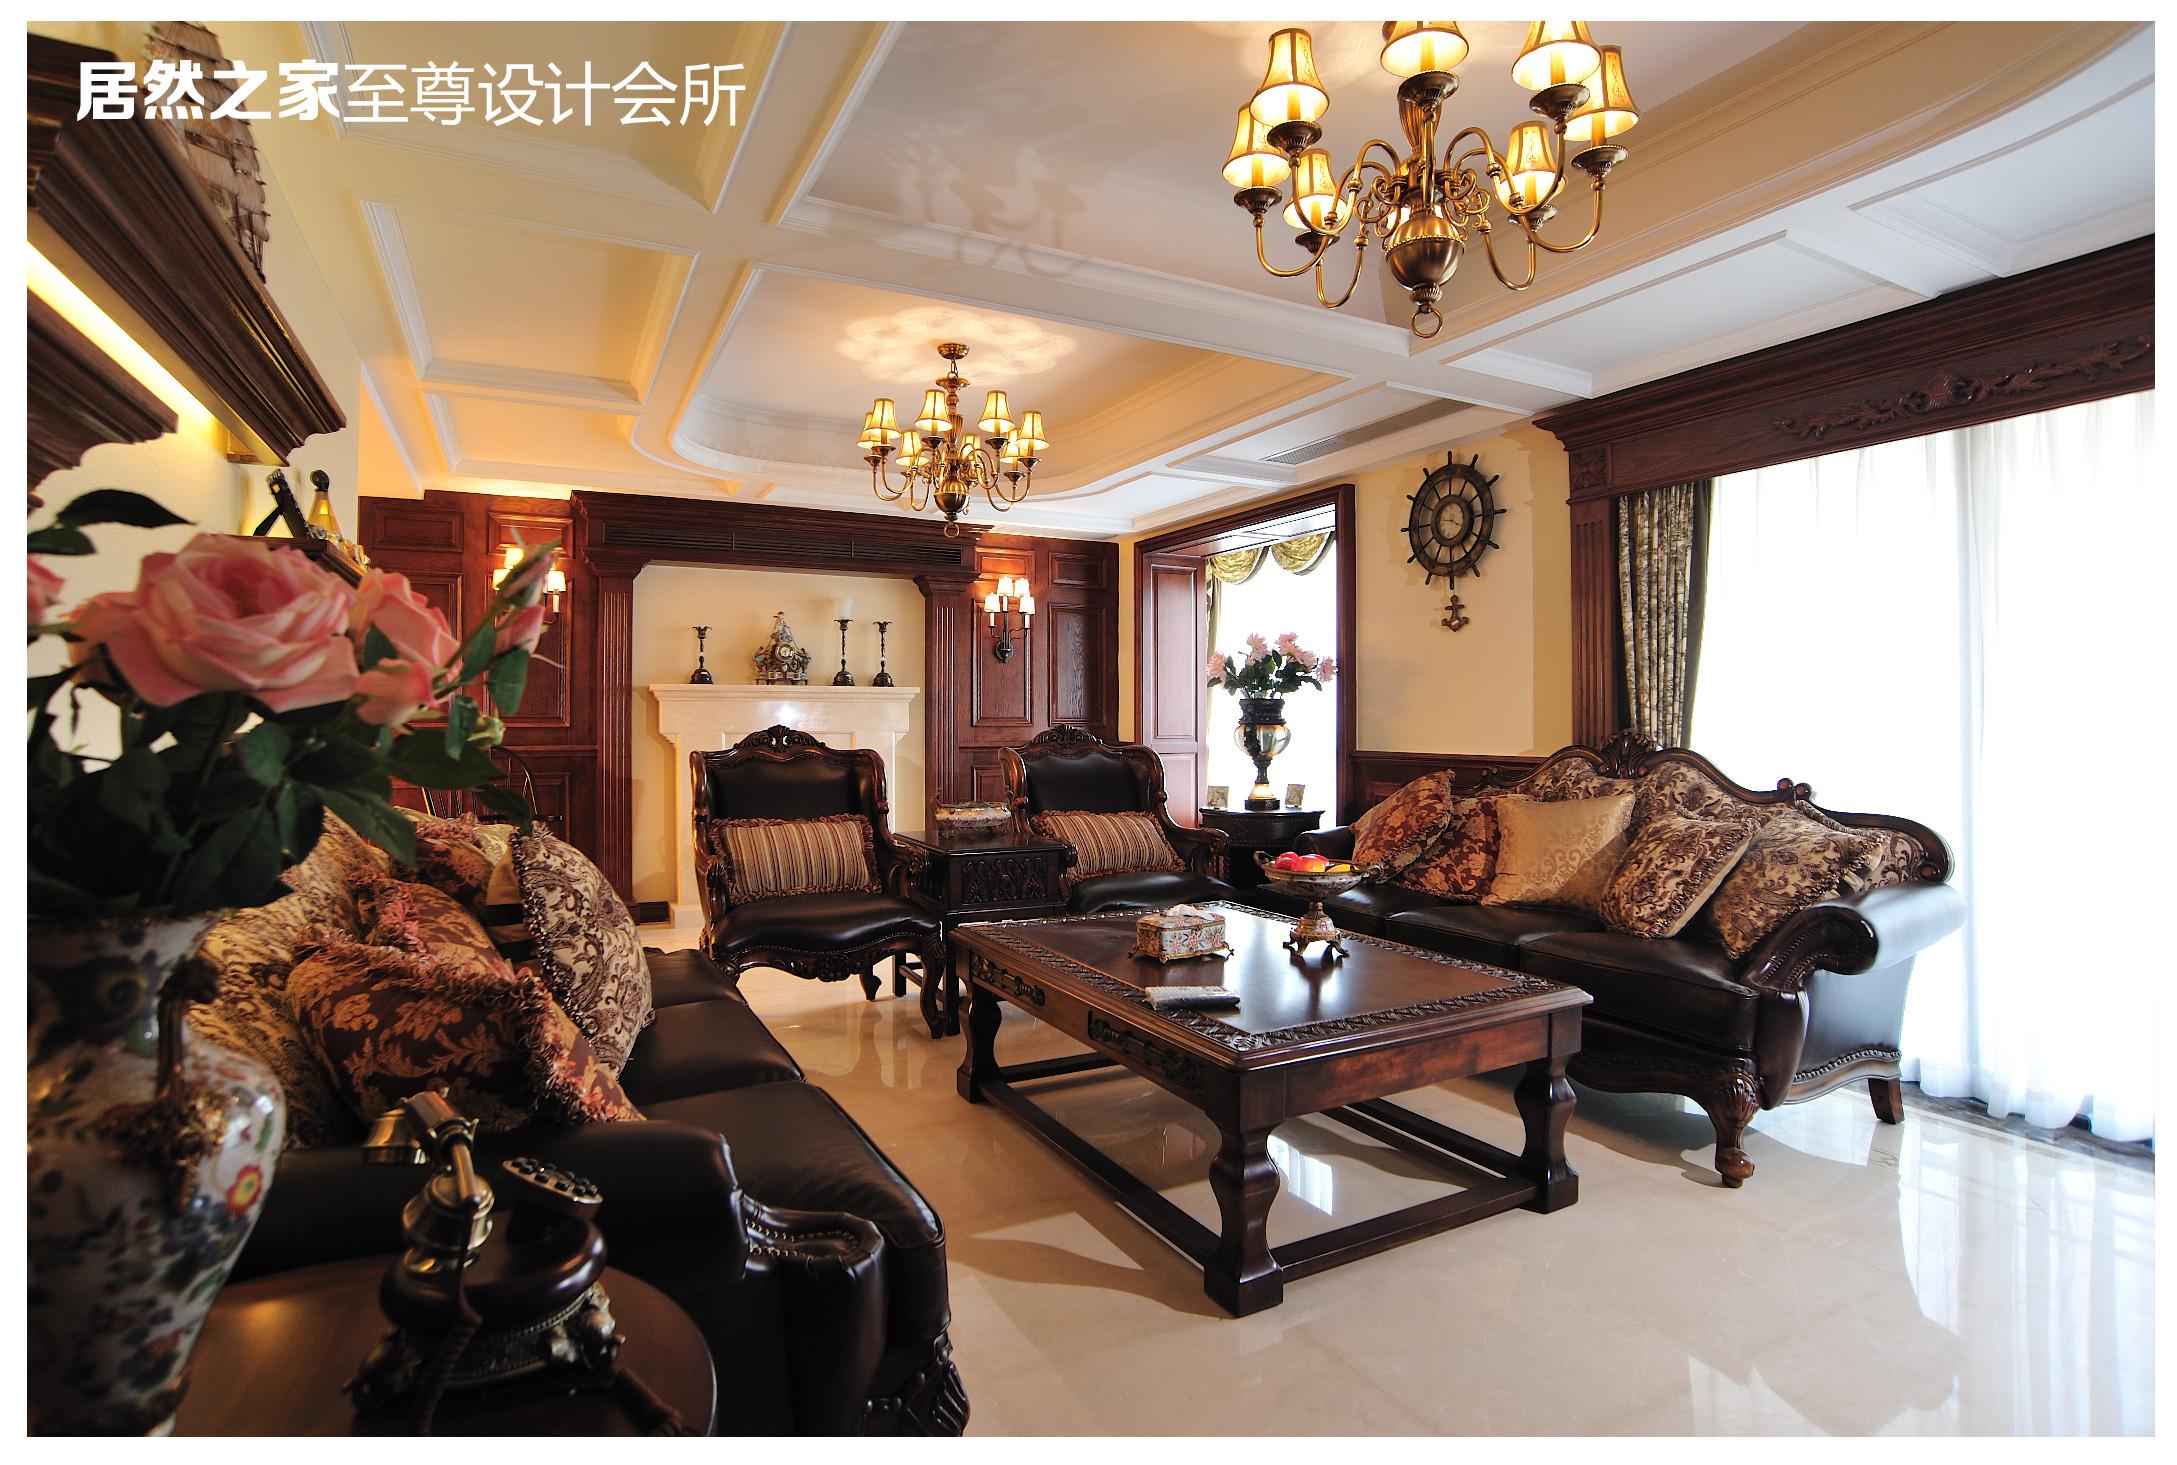 美式 古典 客厅图片来自武汉天合营造设计在复地东湖国际美式古典风情的分享